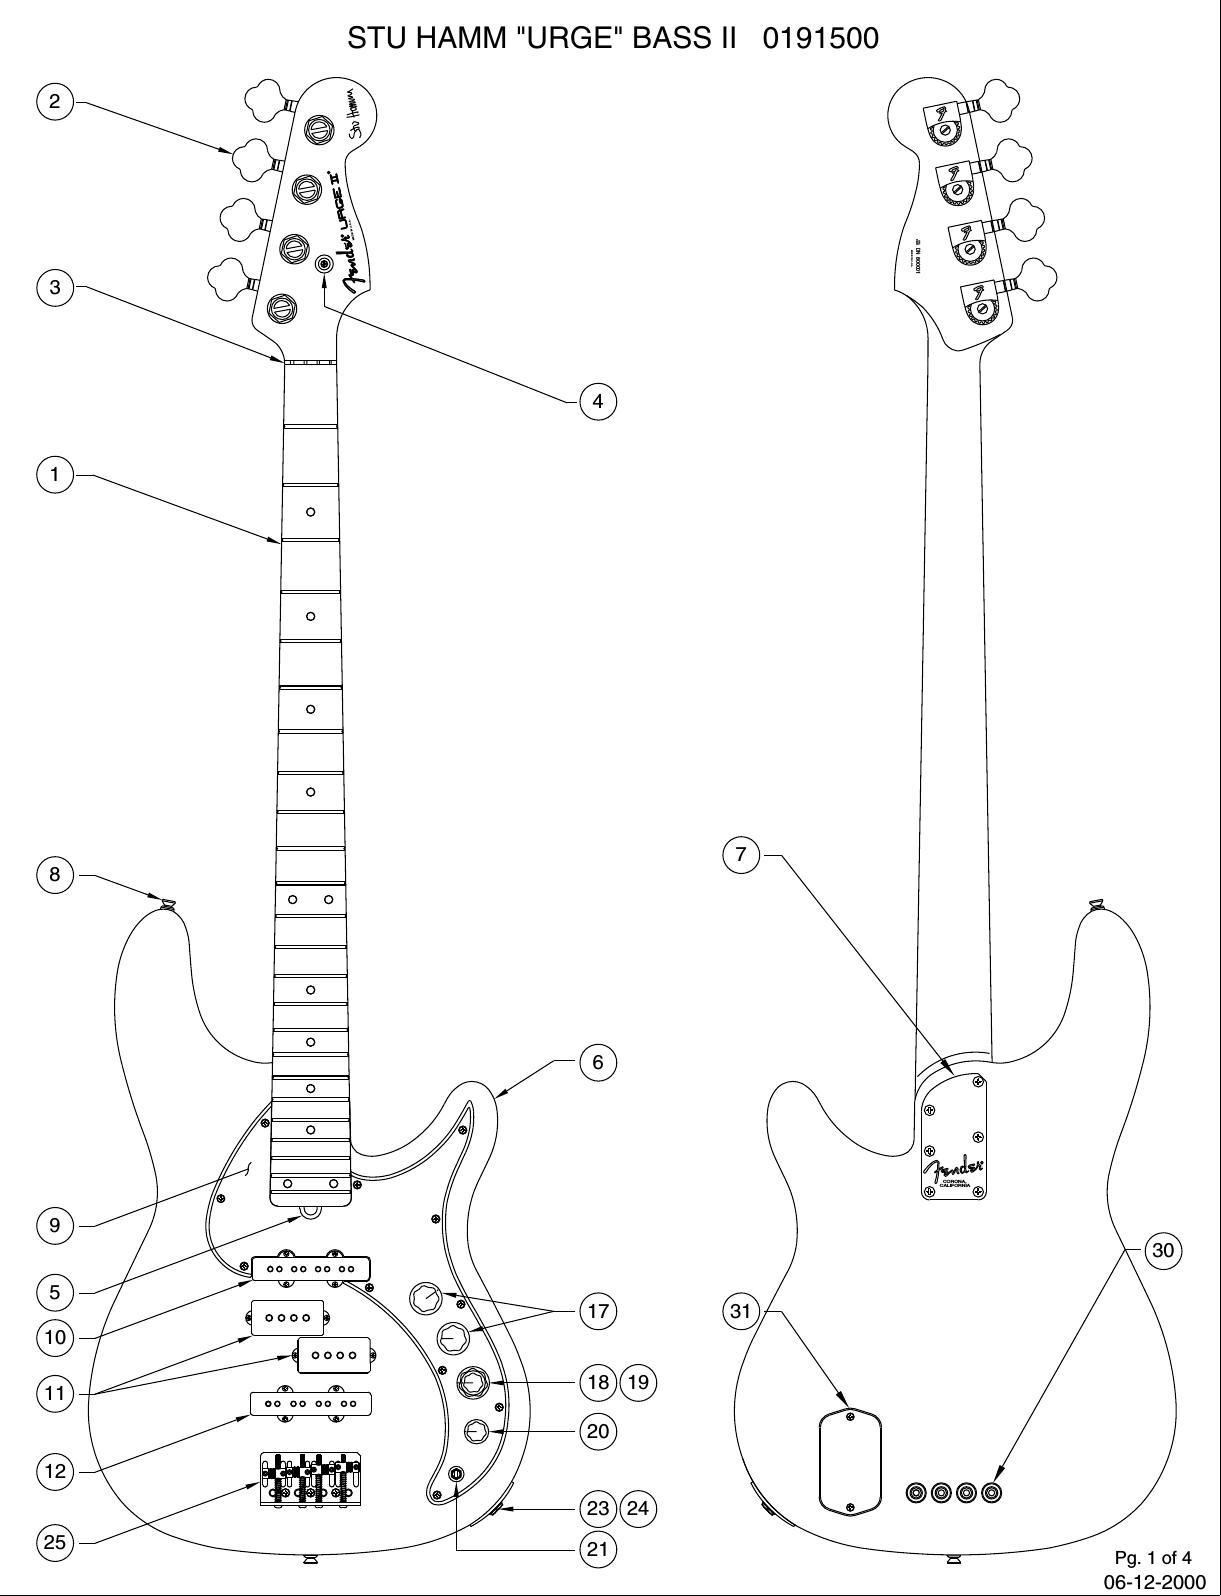 Fender 019 A Sisd